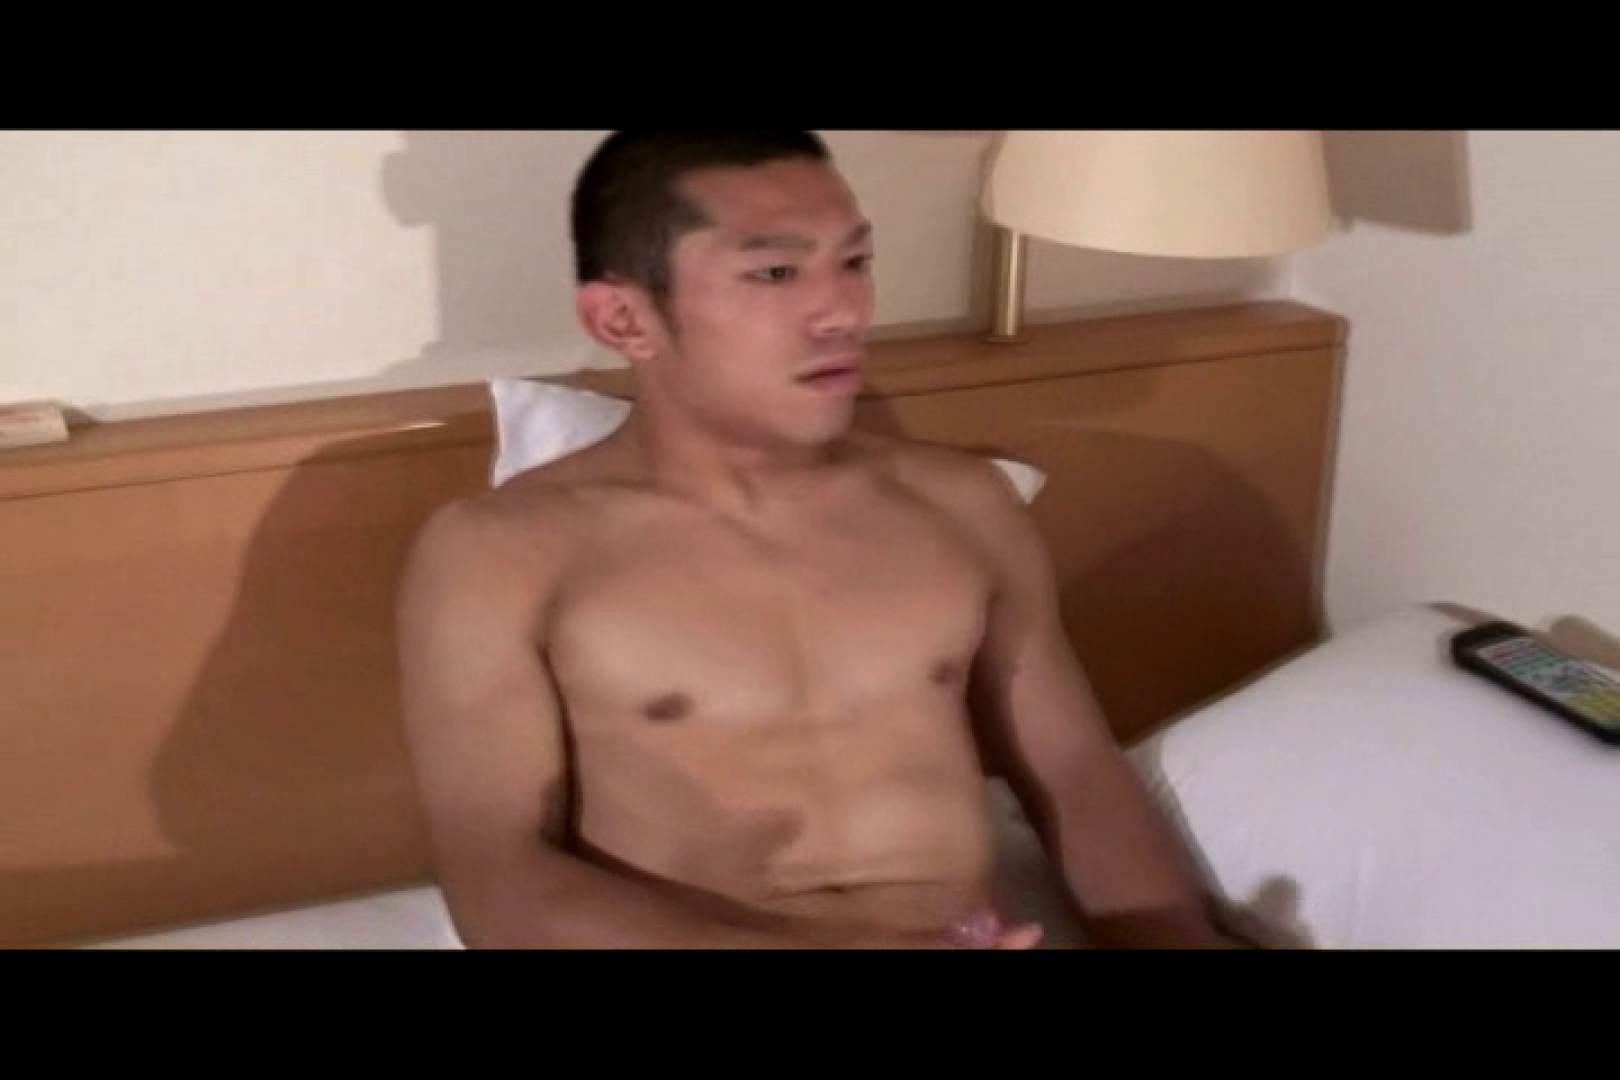 イケメンモッコリウォッチング!!No.04 フェチ ゲイ無修正ビデオ画像 69連発 33